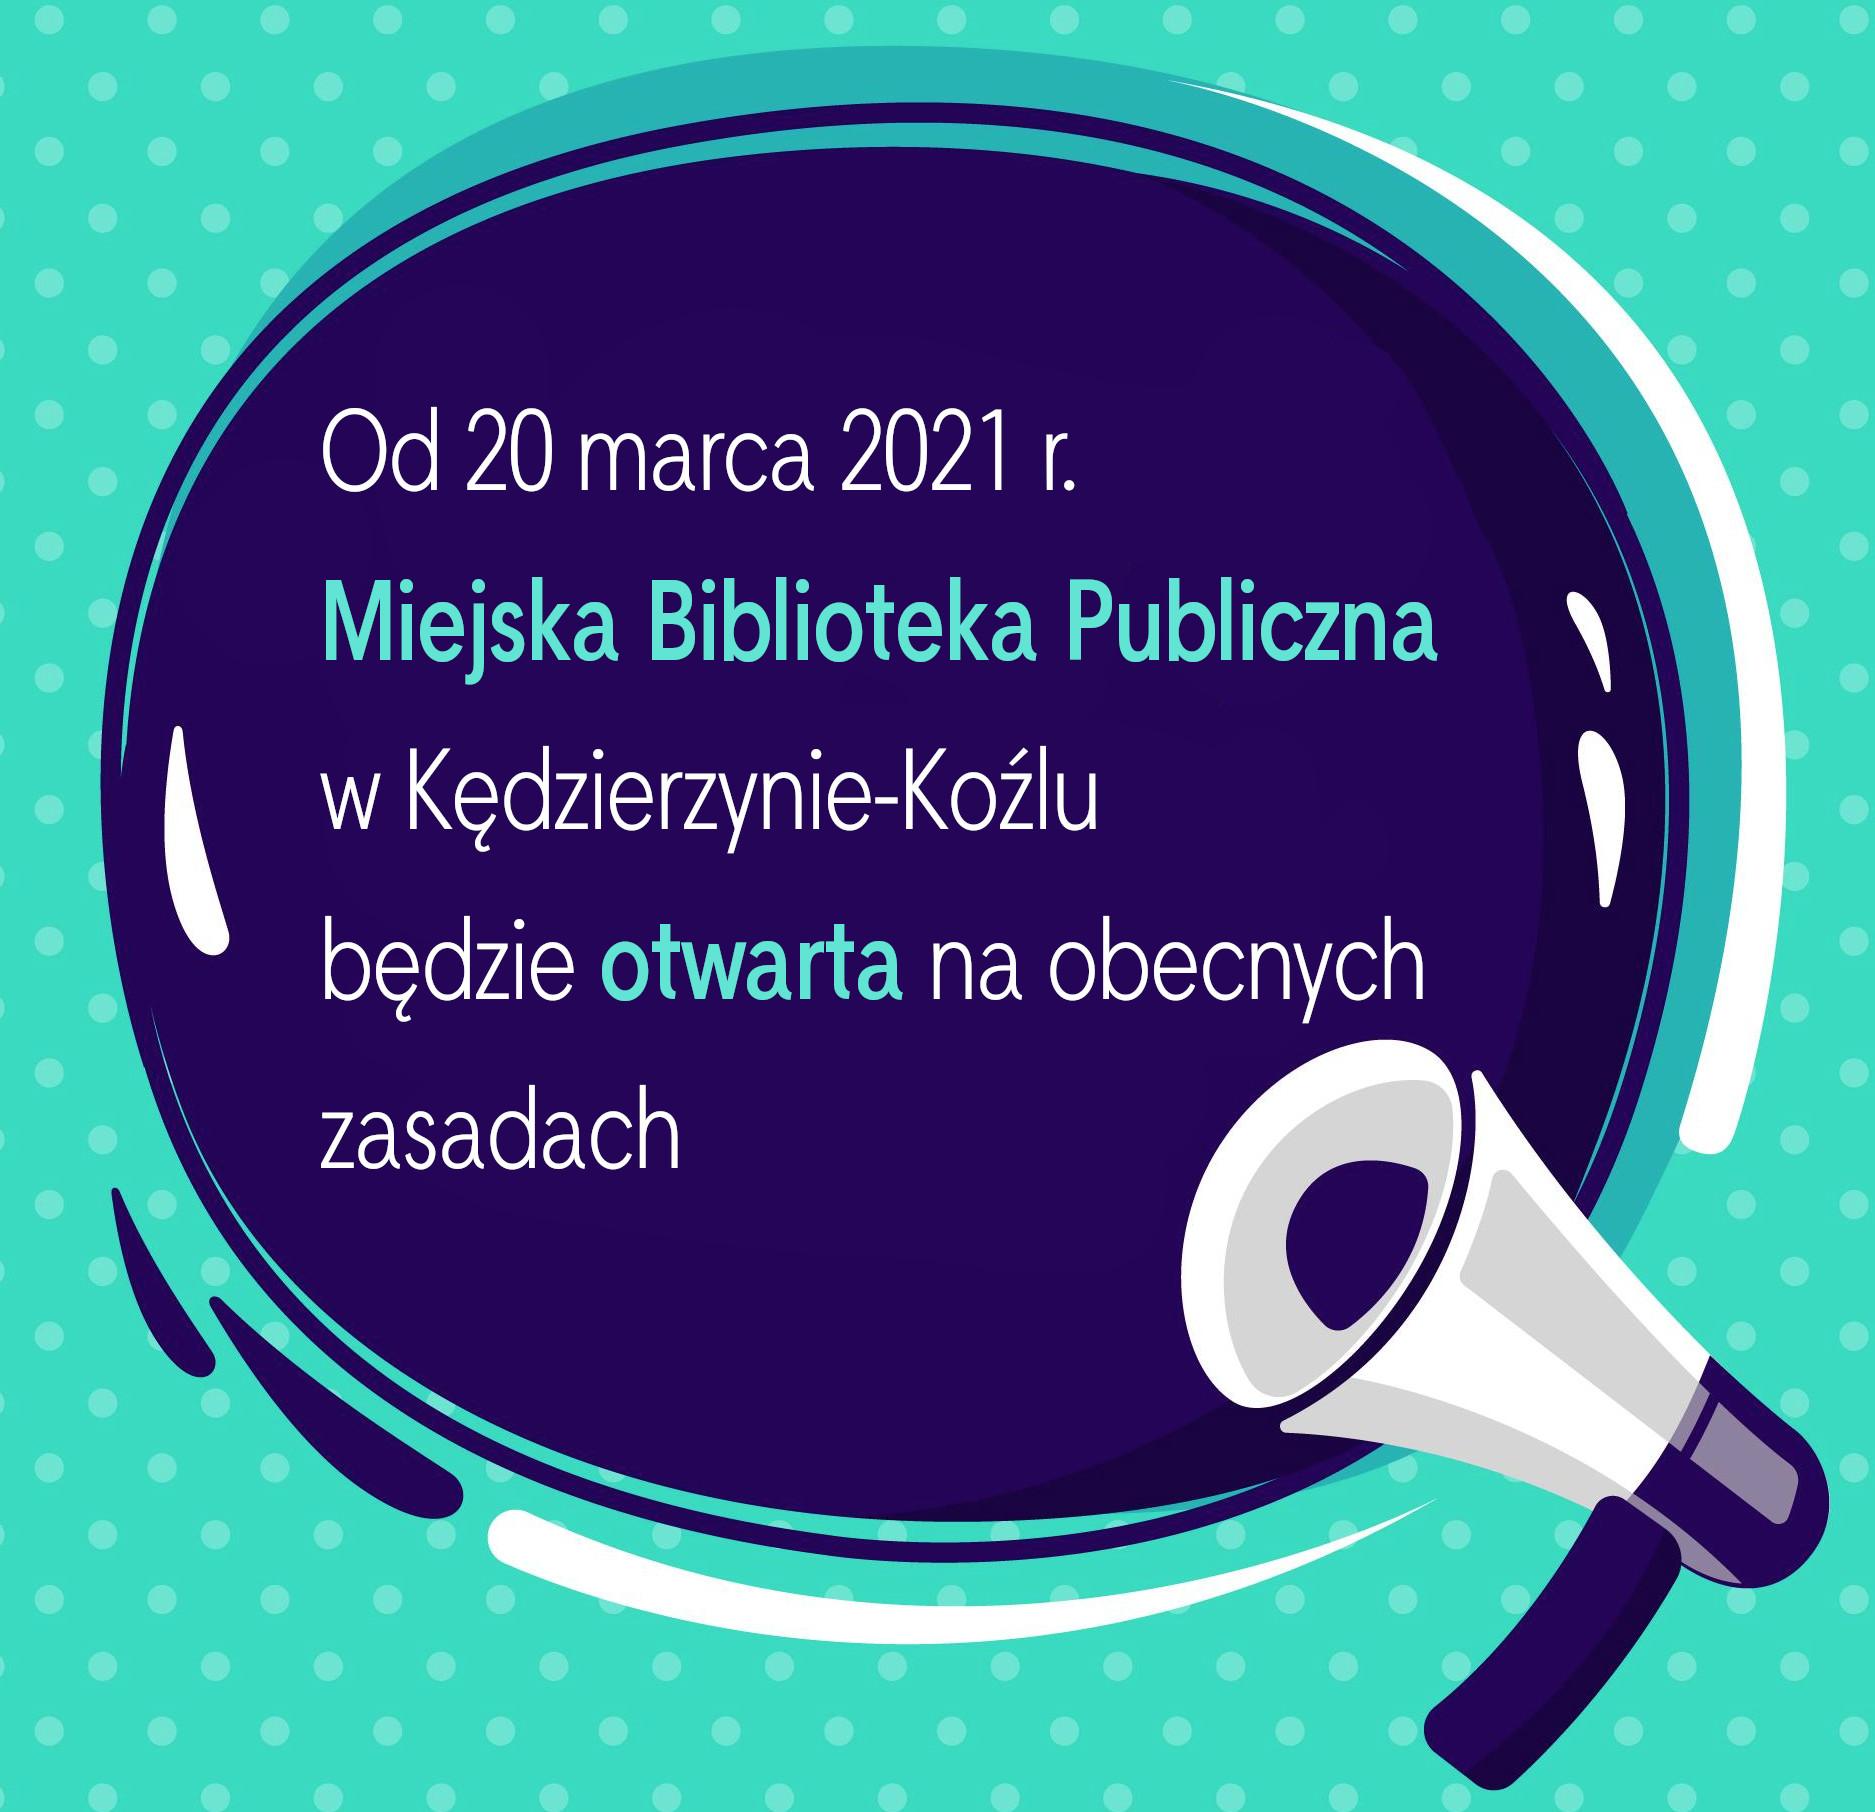 od 20 marca nasza biblioteka będzie otwarta na dotychczasowych zasadach